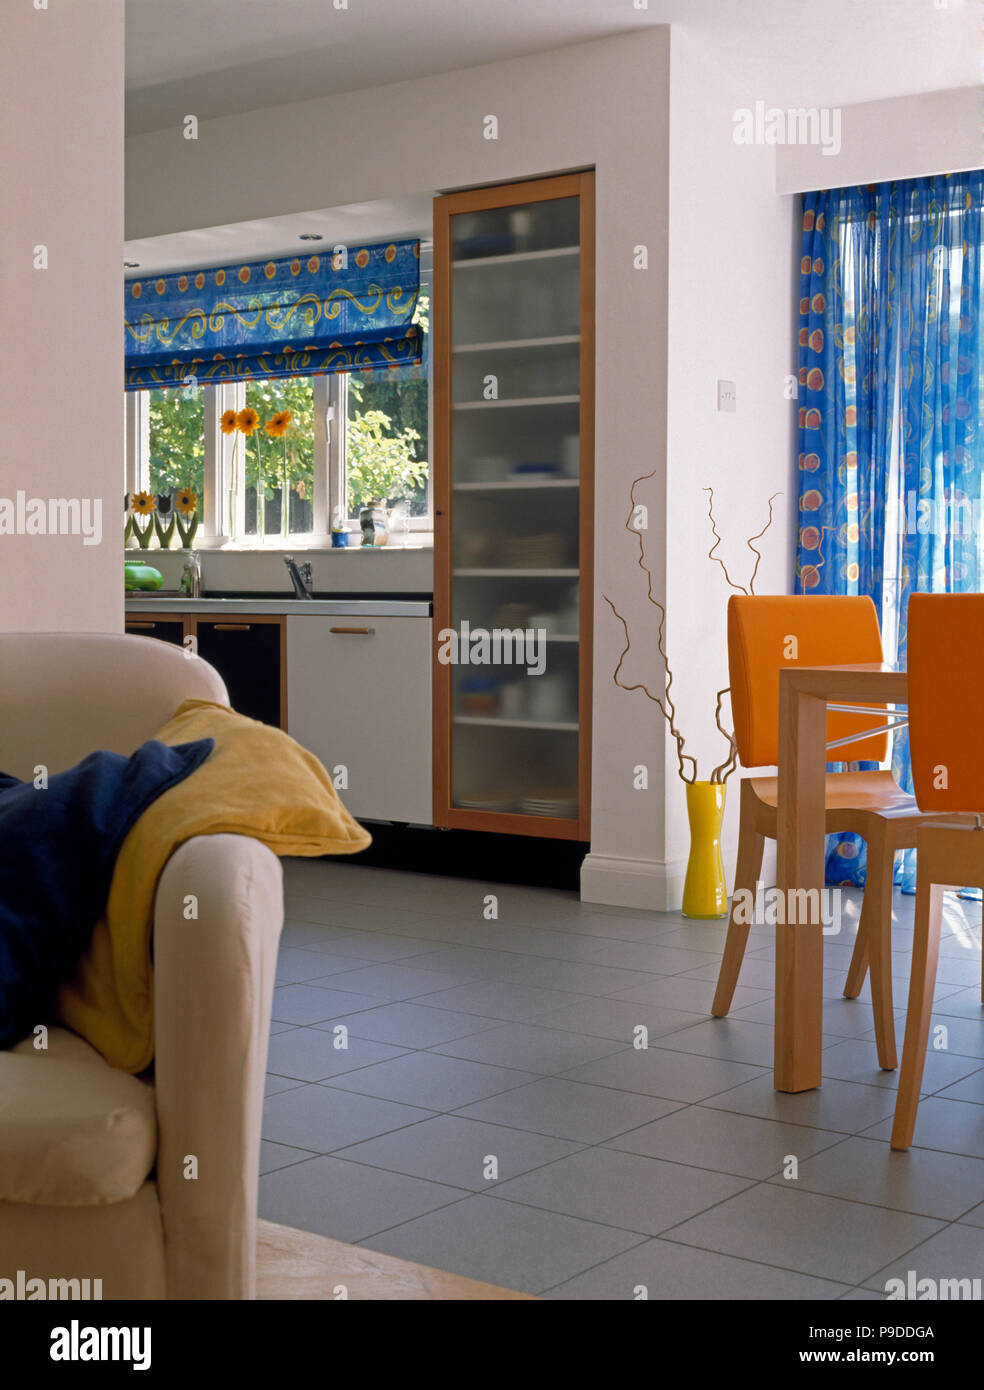 Weiss Gefliestem Boden In Eine Offene Kuche Esszimmer Mit Orangefarbenen Stuhlen Und Einen Cremefarbenen Sofa Stockfotografie Alamy